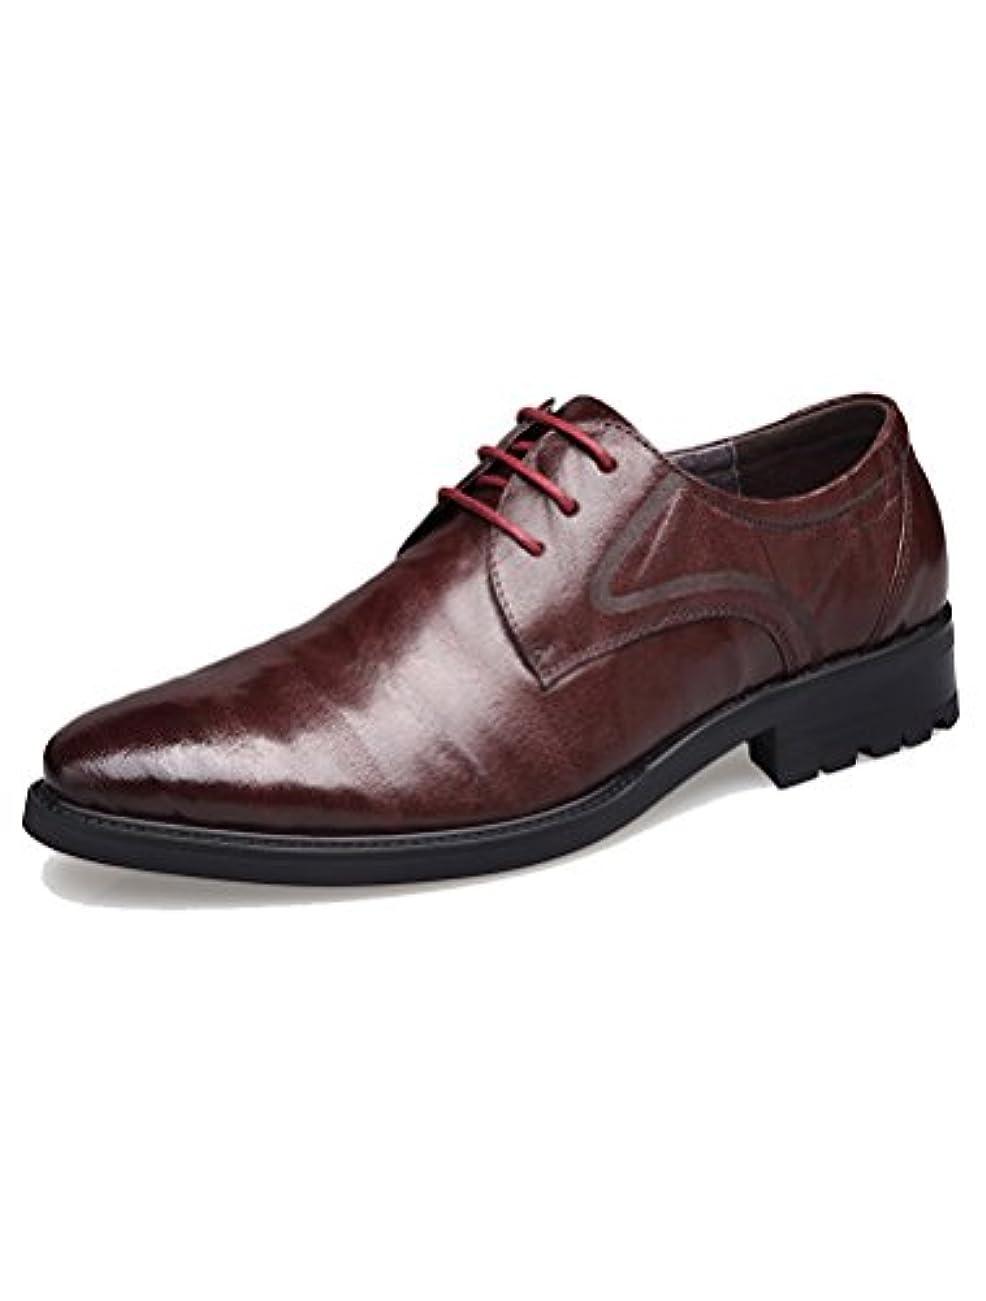 処方矢じり群がる(モダンミス)Mordenmiss メンズ ビジネスシューズ 紳士靴 革靴 本革 内羽根 ストレートチップ ウイングチップ ブラック ブラウン 38-44サイズ 24CM-27CM